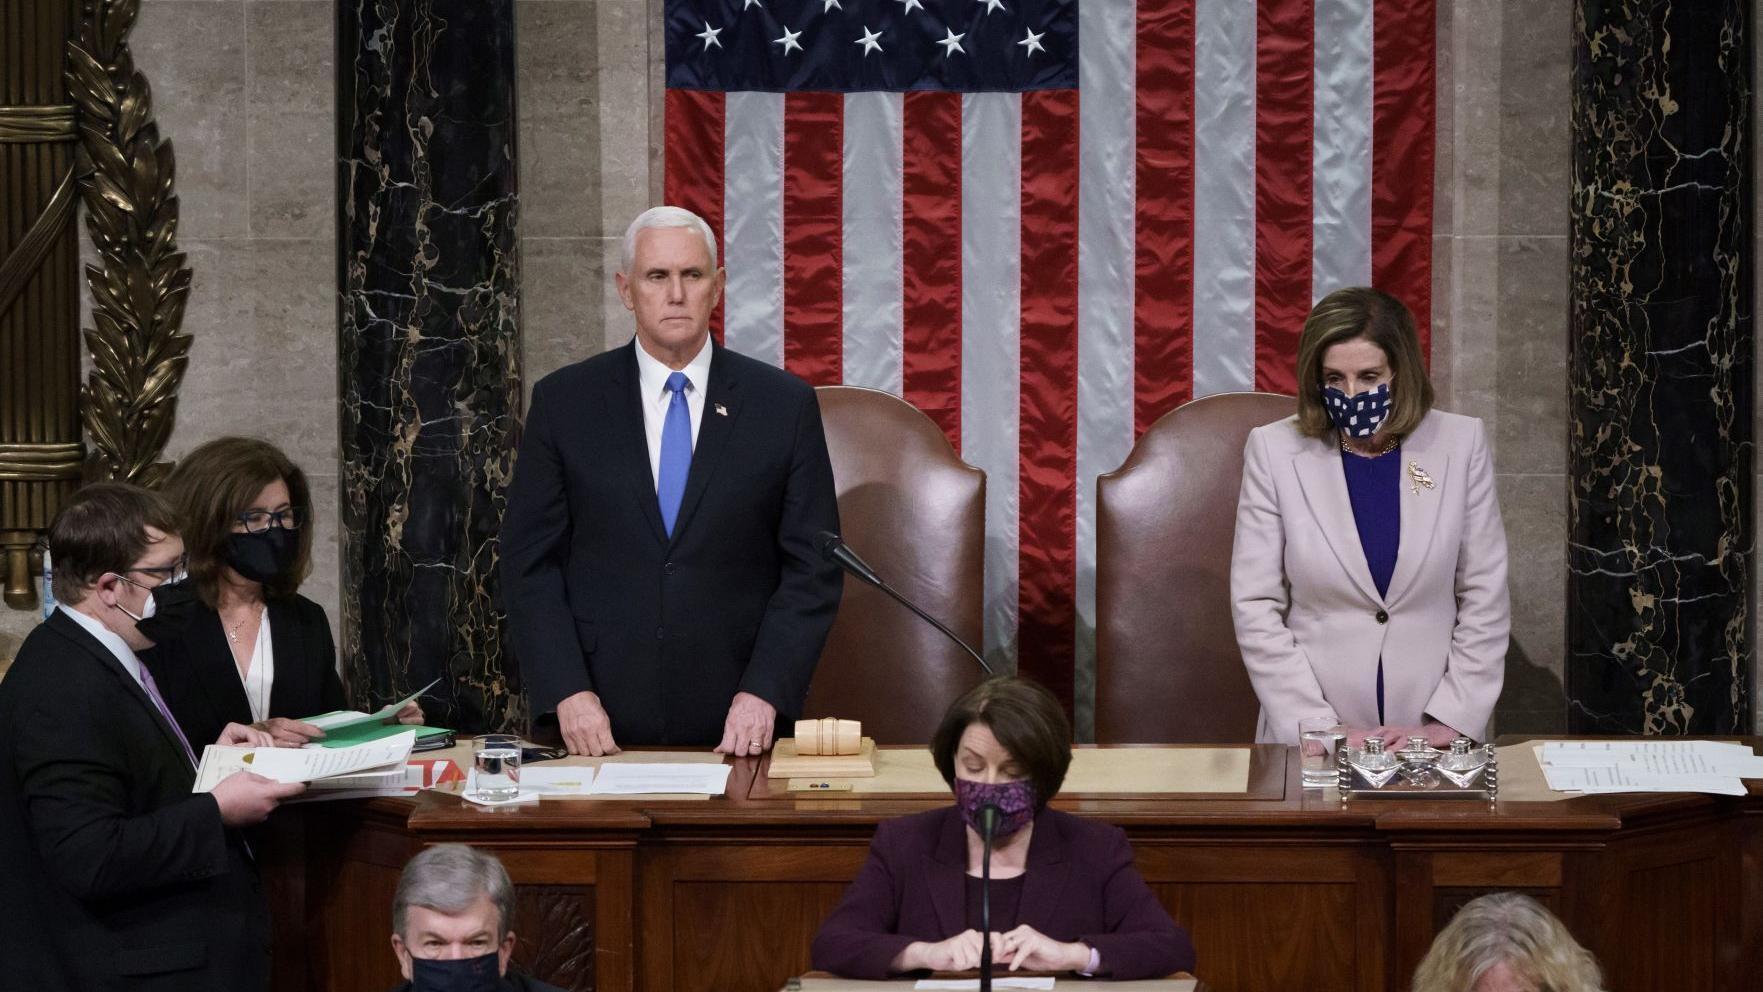 Biden win confirmed after pro-Trump mob storms U.S. Capitol